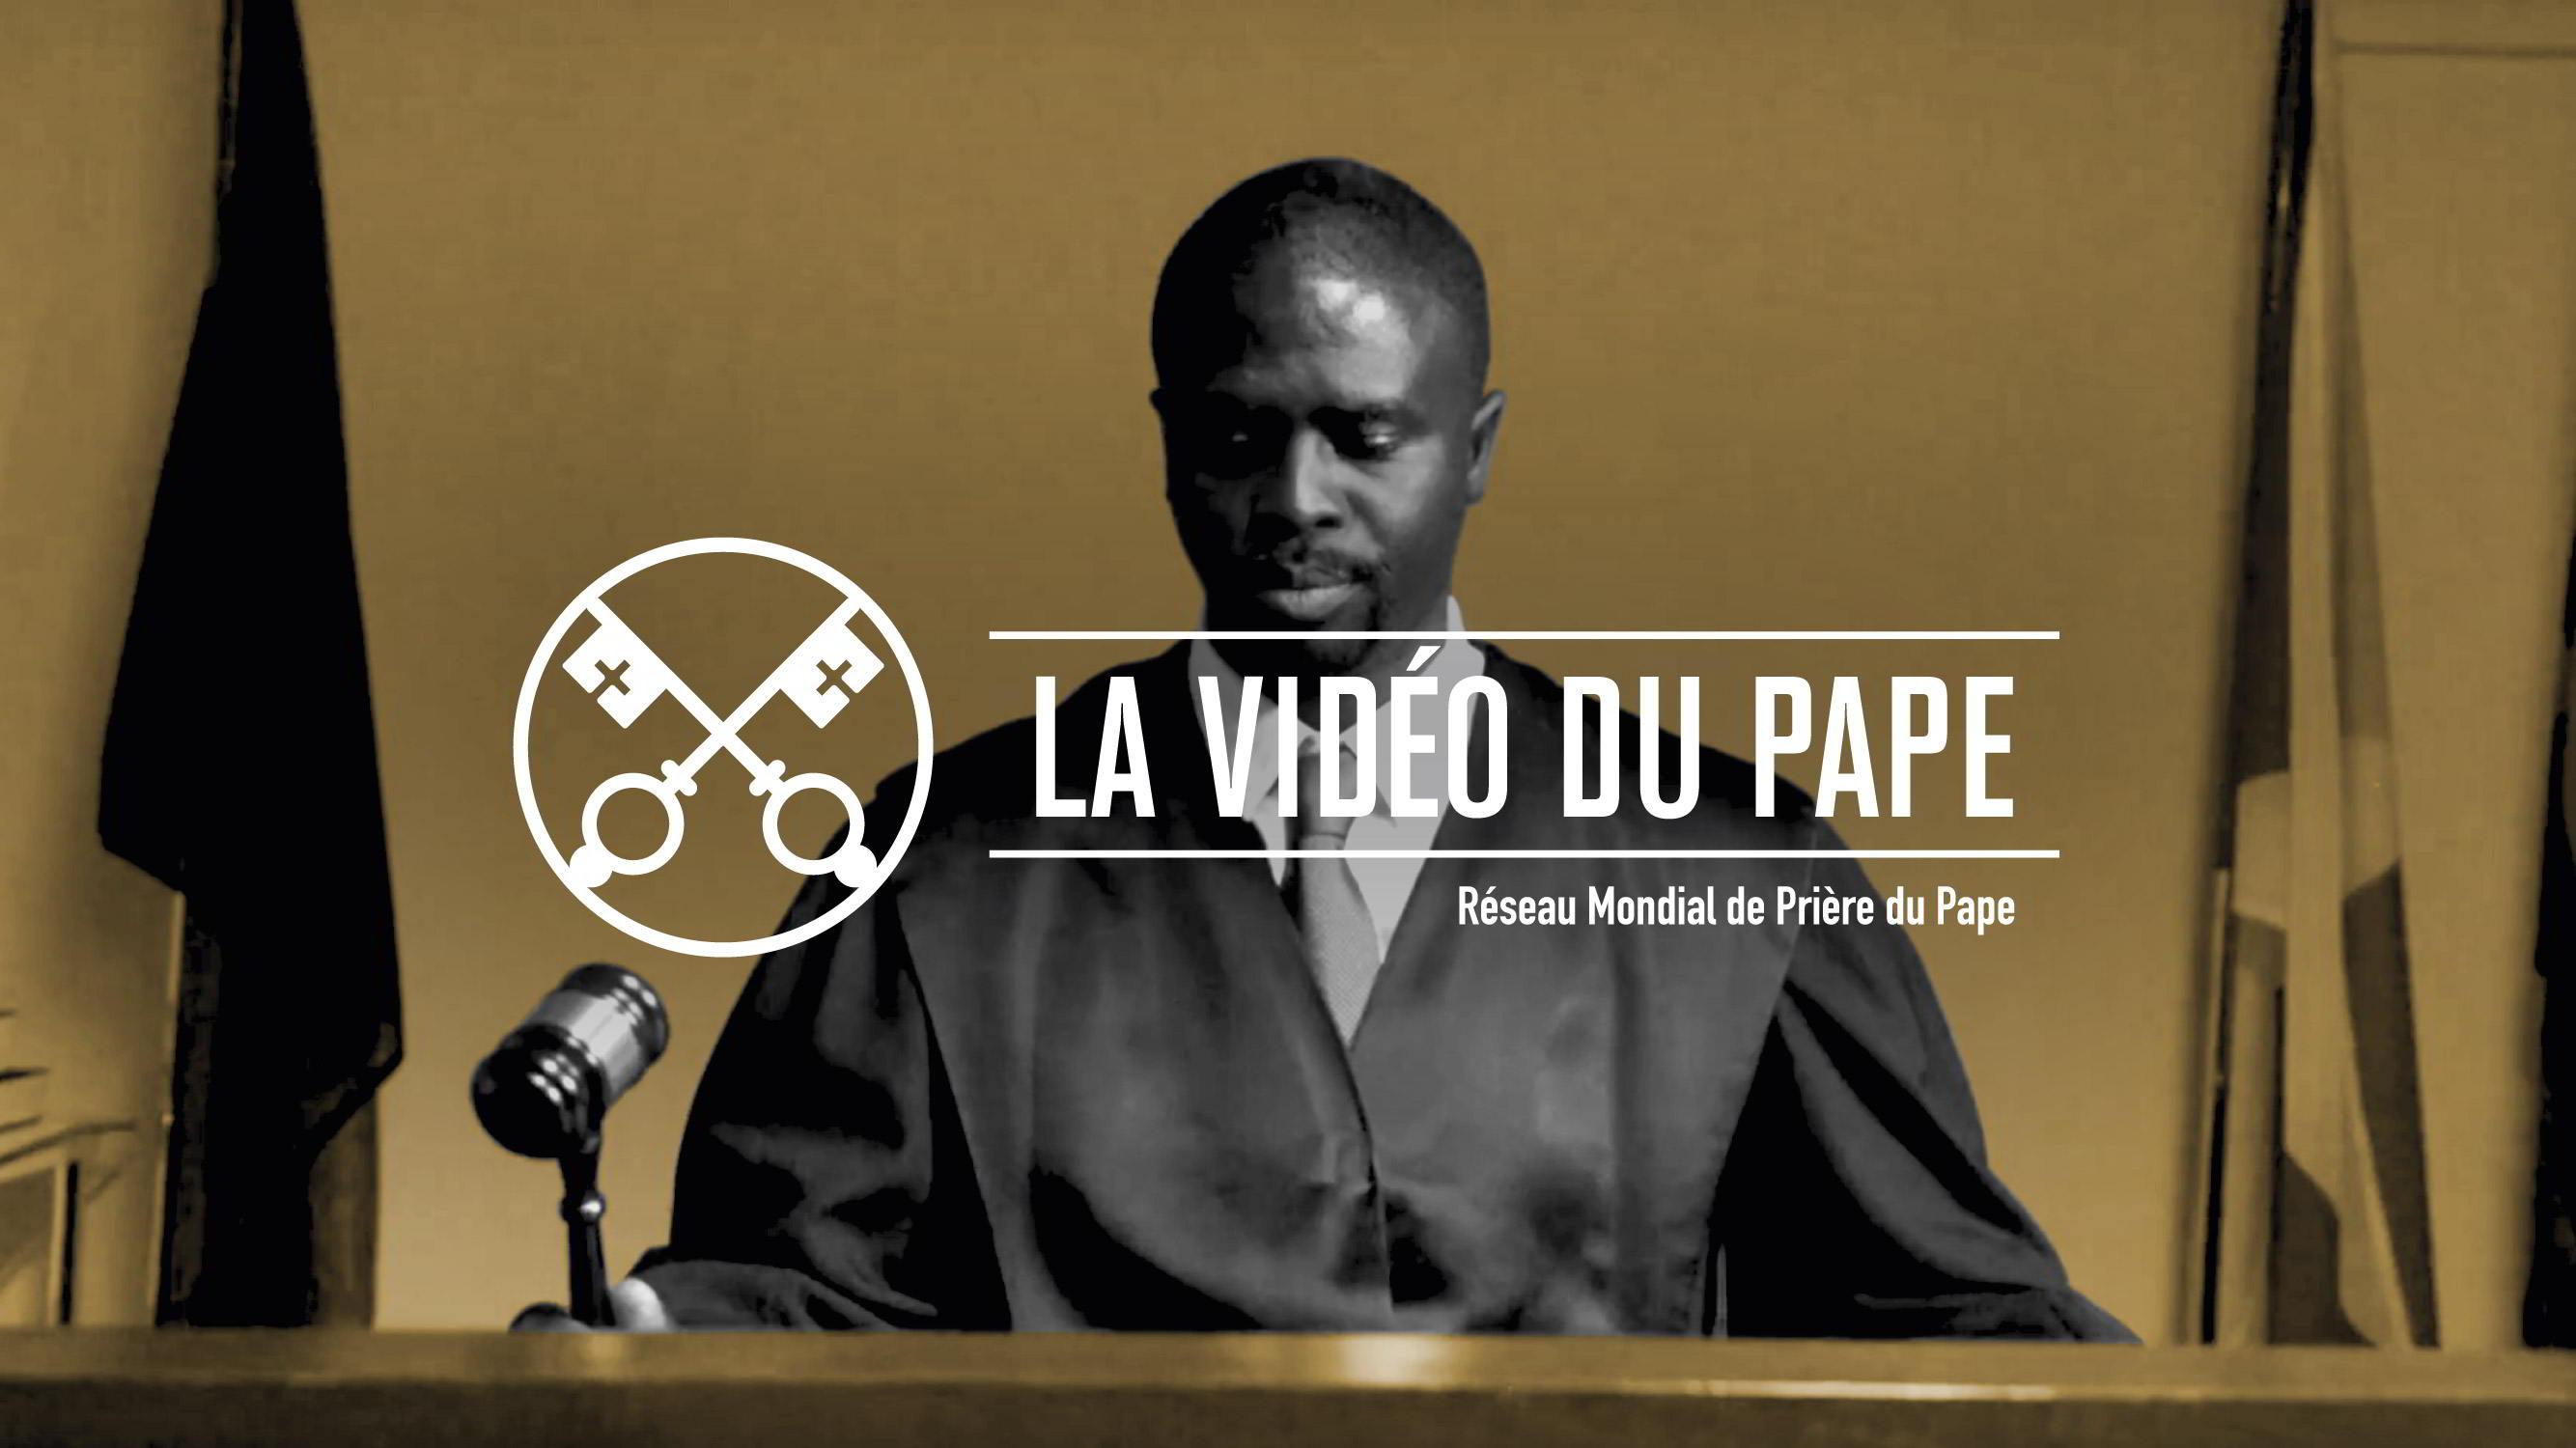 Official Image - TPV 7 2019 - 5 FR - L'intégrité de la justice